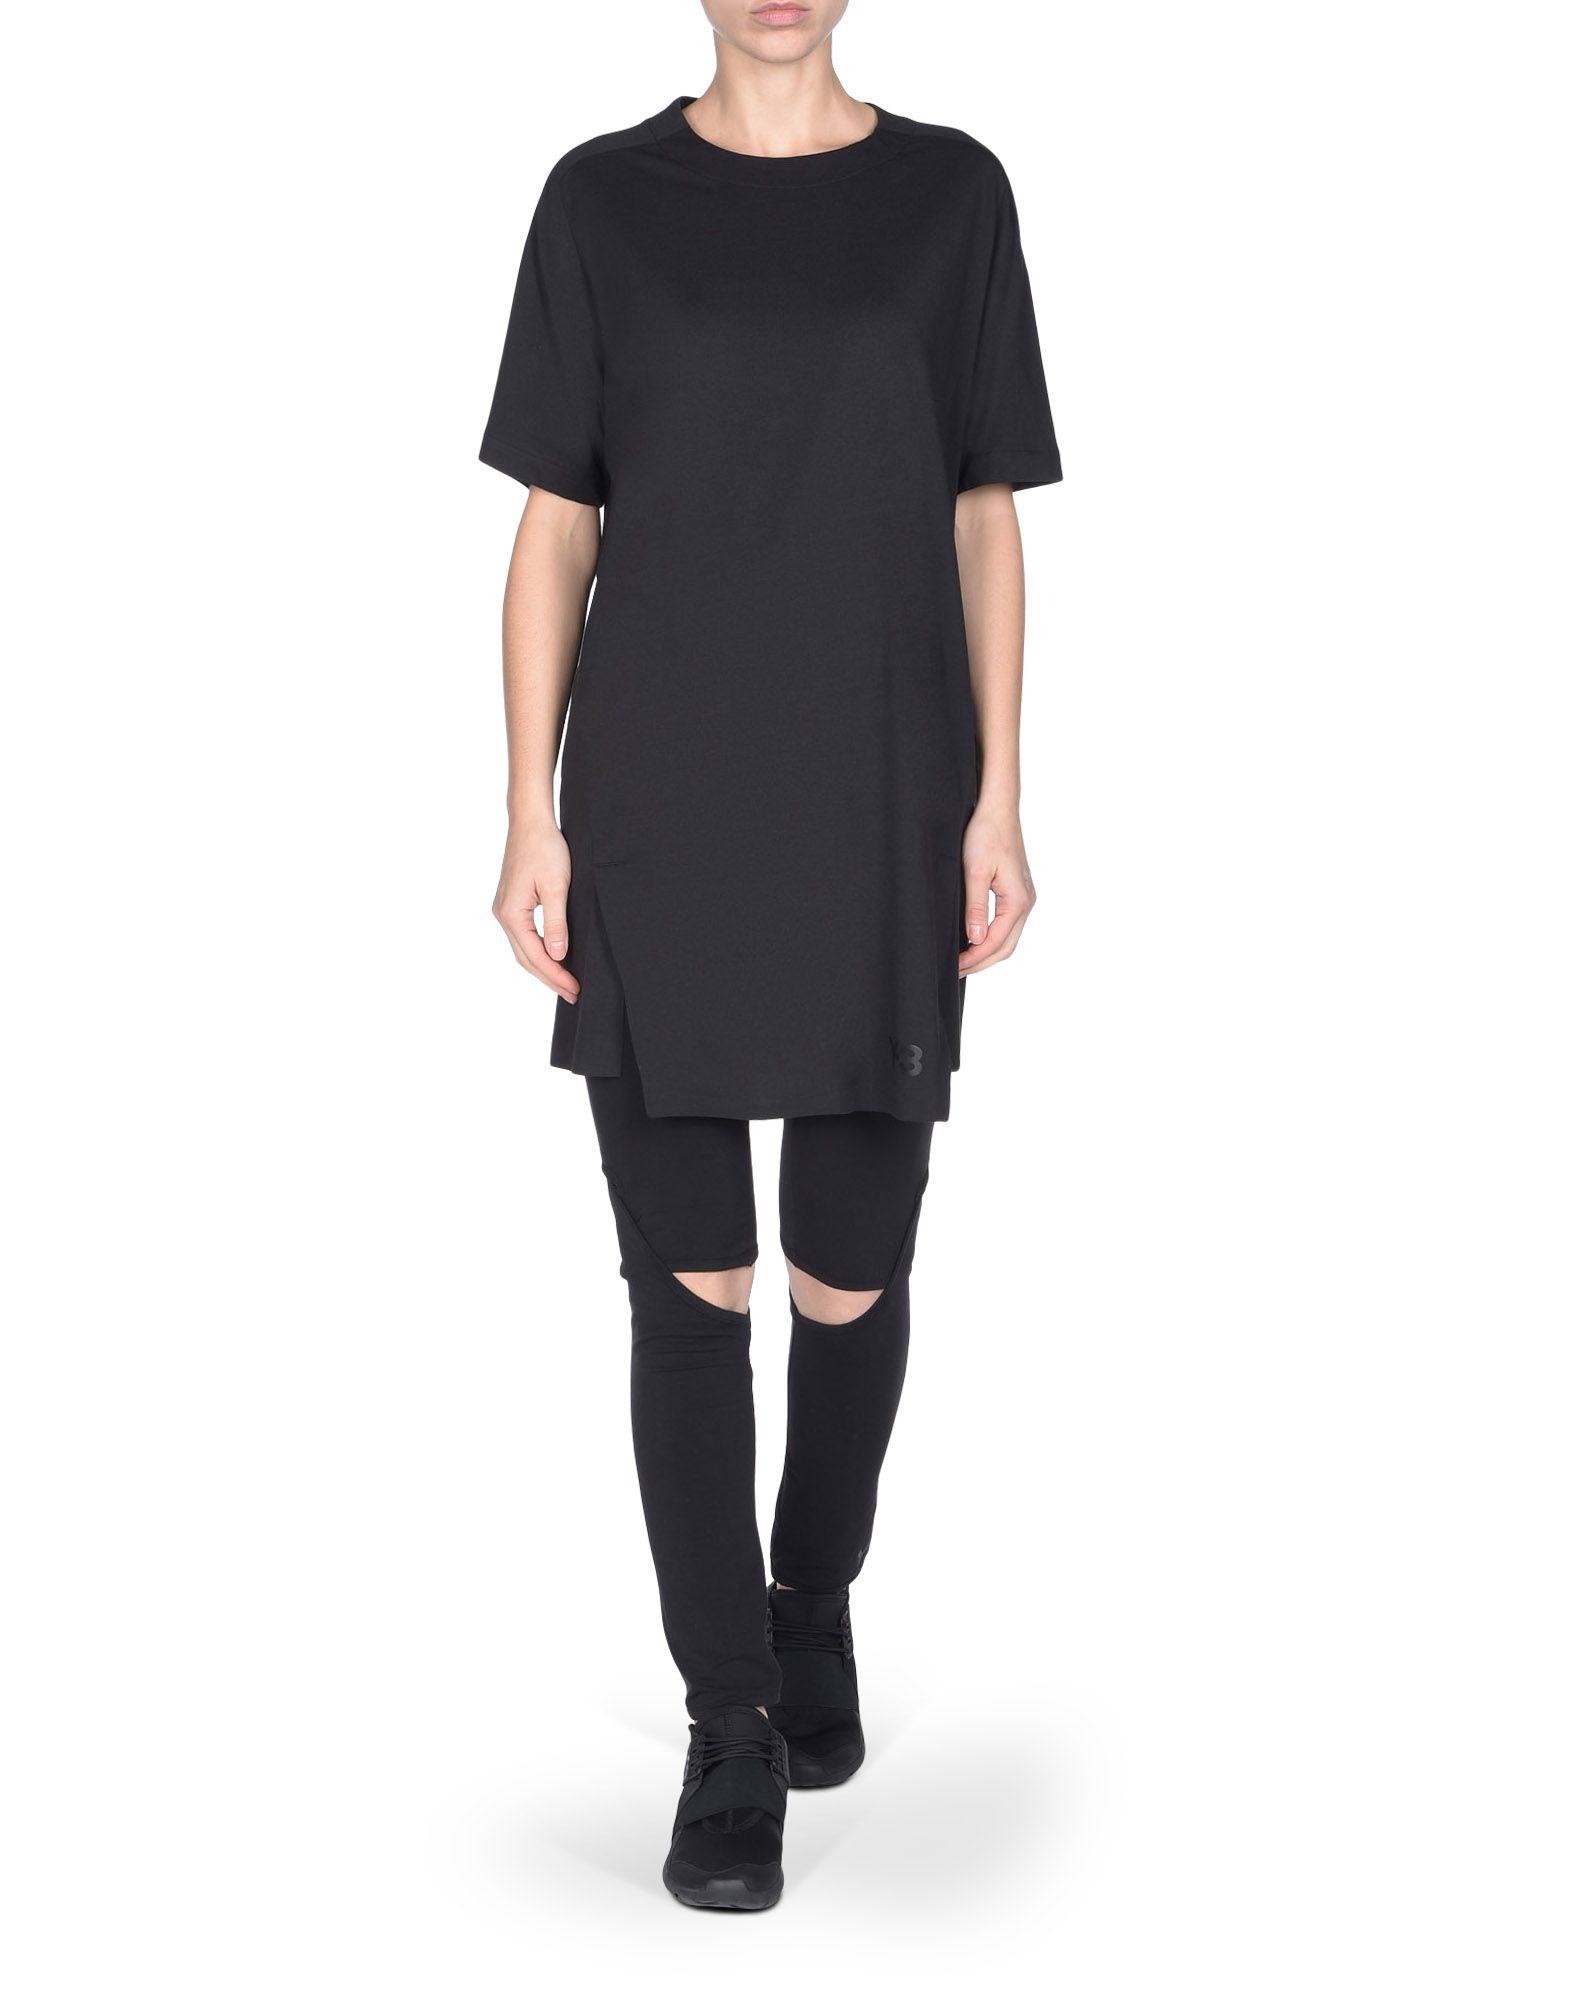 Black t shirt unisex -  Y 3 Planet Tee Black Tees Polos Unisex Y 3 Adidas